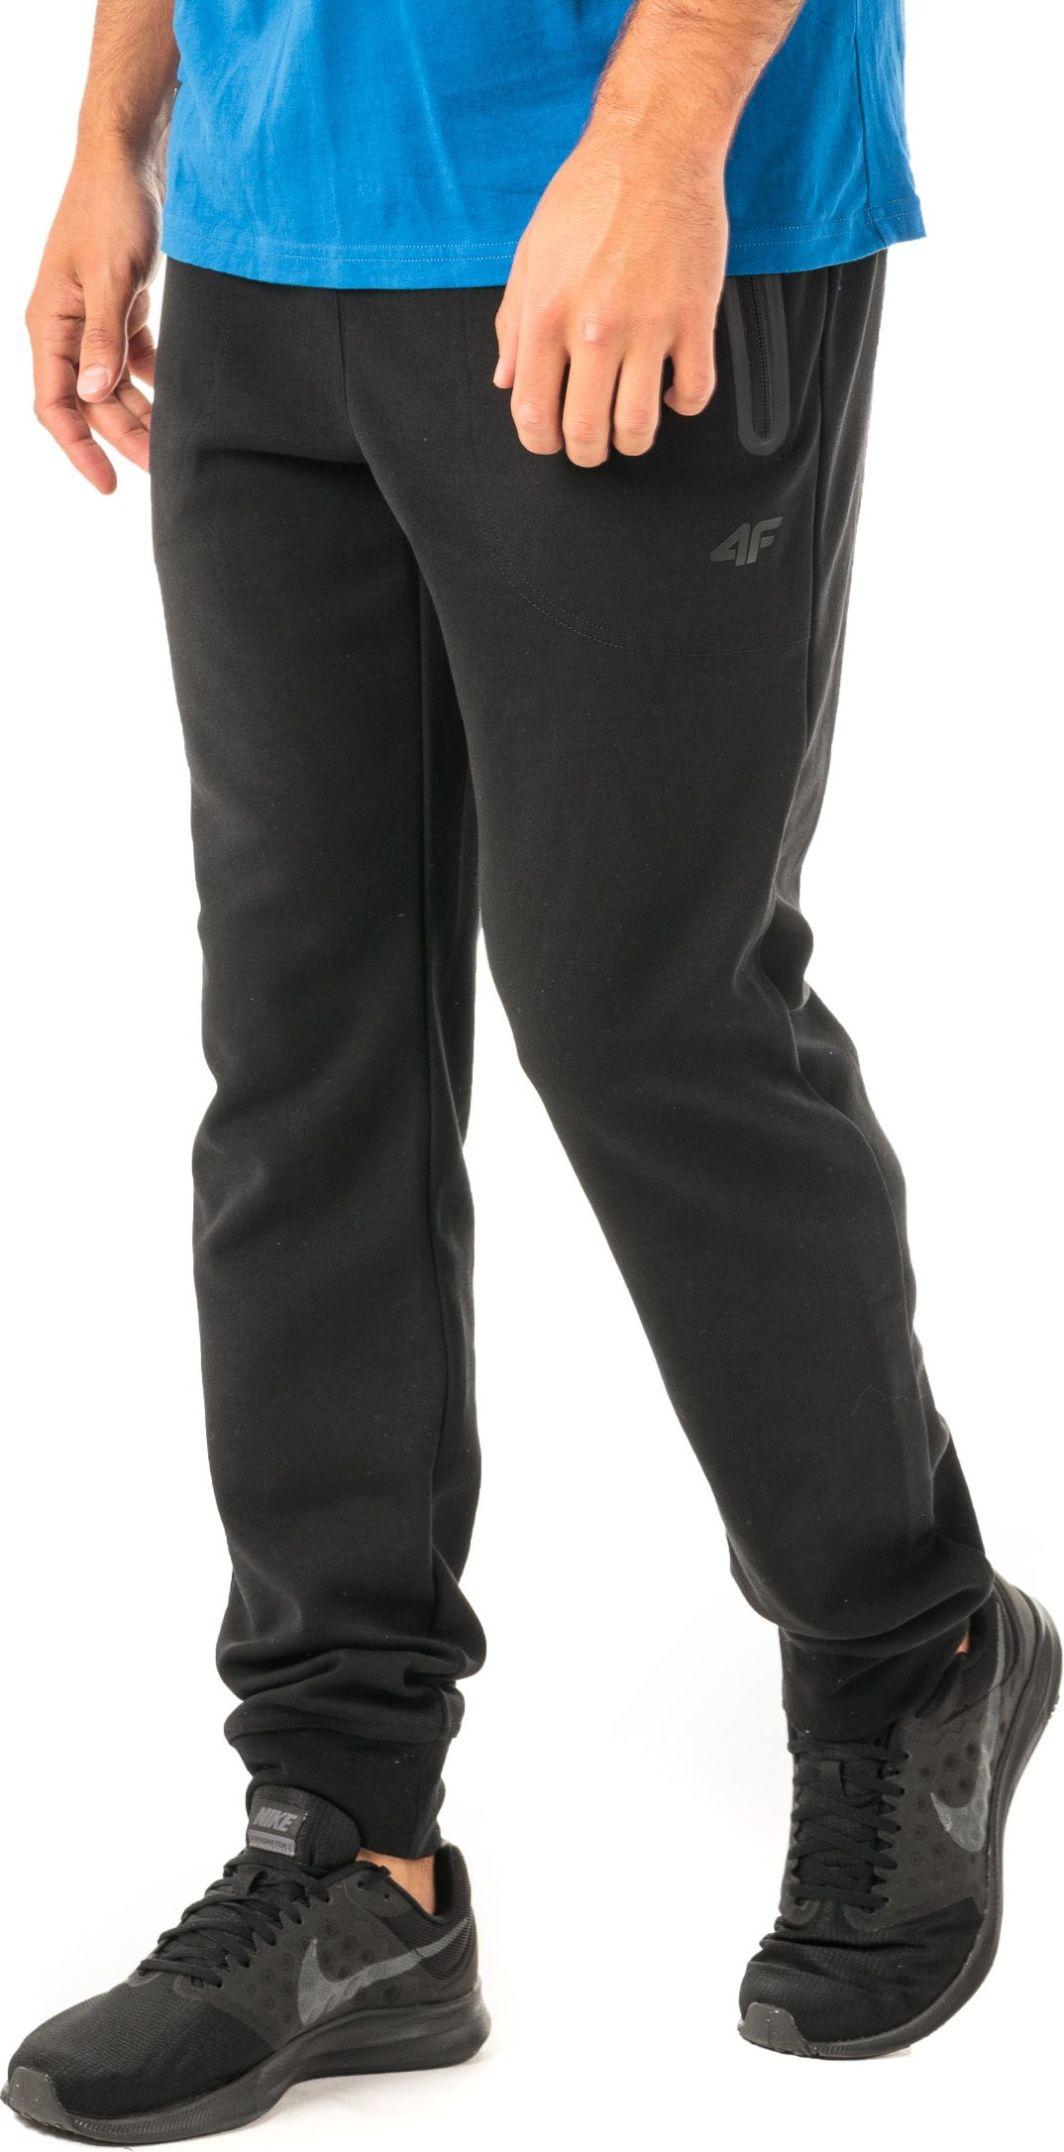 4f Spodnie męskie H4Z18 SPMD006 czarne r. XL ID produktu: 4598511